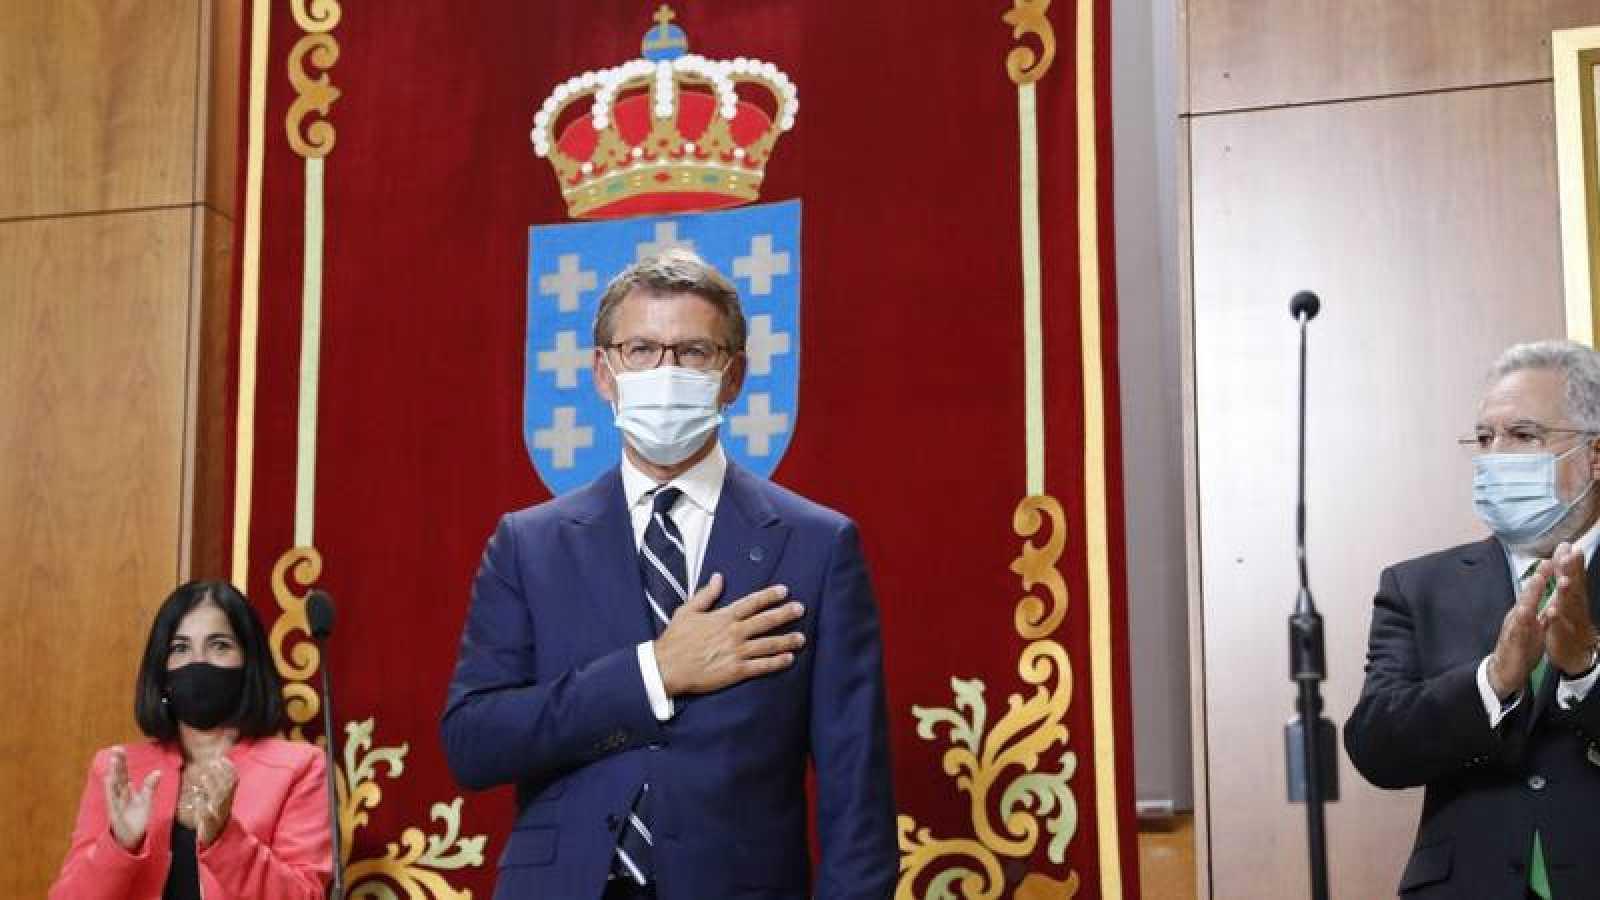 El presidente de la Xunta, Alberto Núñez Feijóo, tras jurar su cargo en presencia de la ministra de Política Territorial, Carolina Darias, y del presidente del parlamento, Miguel Santalices